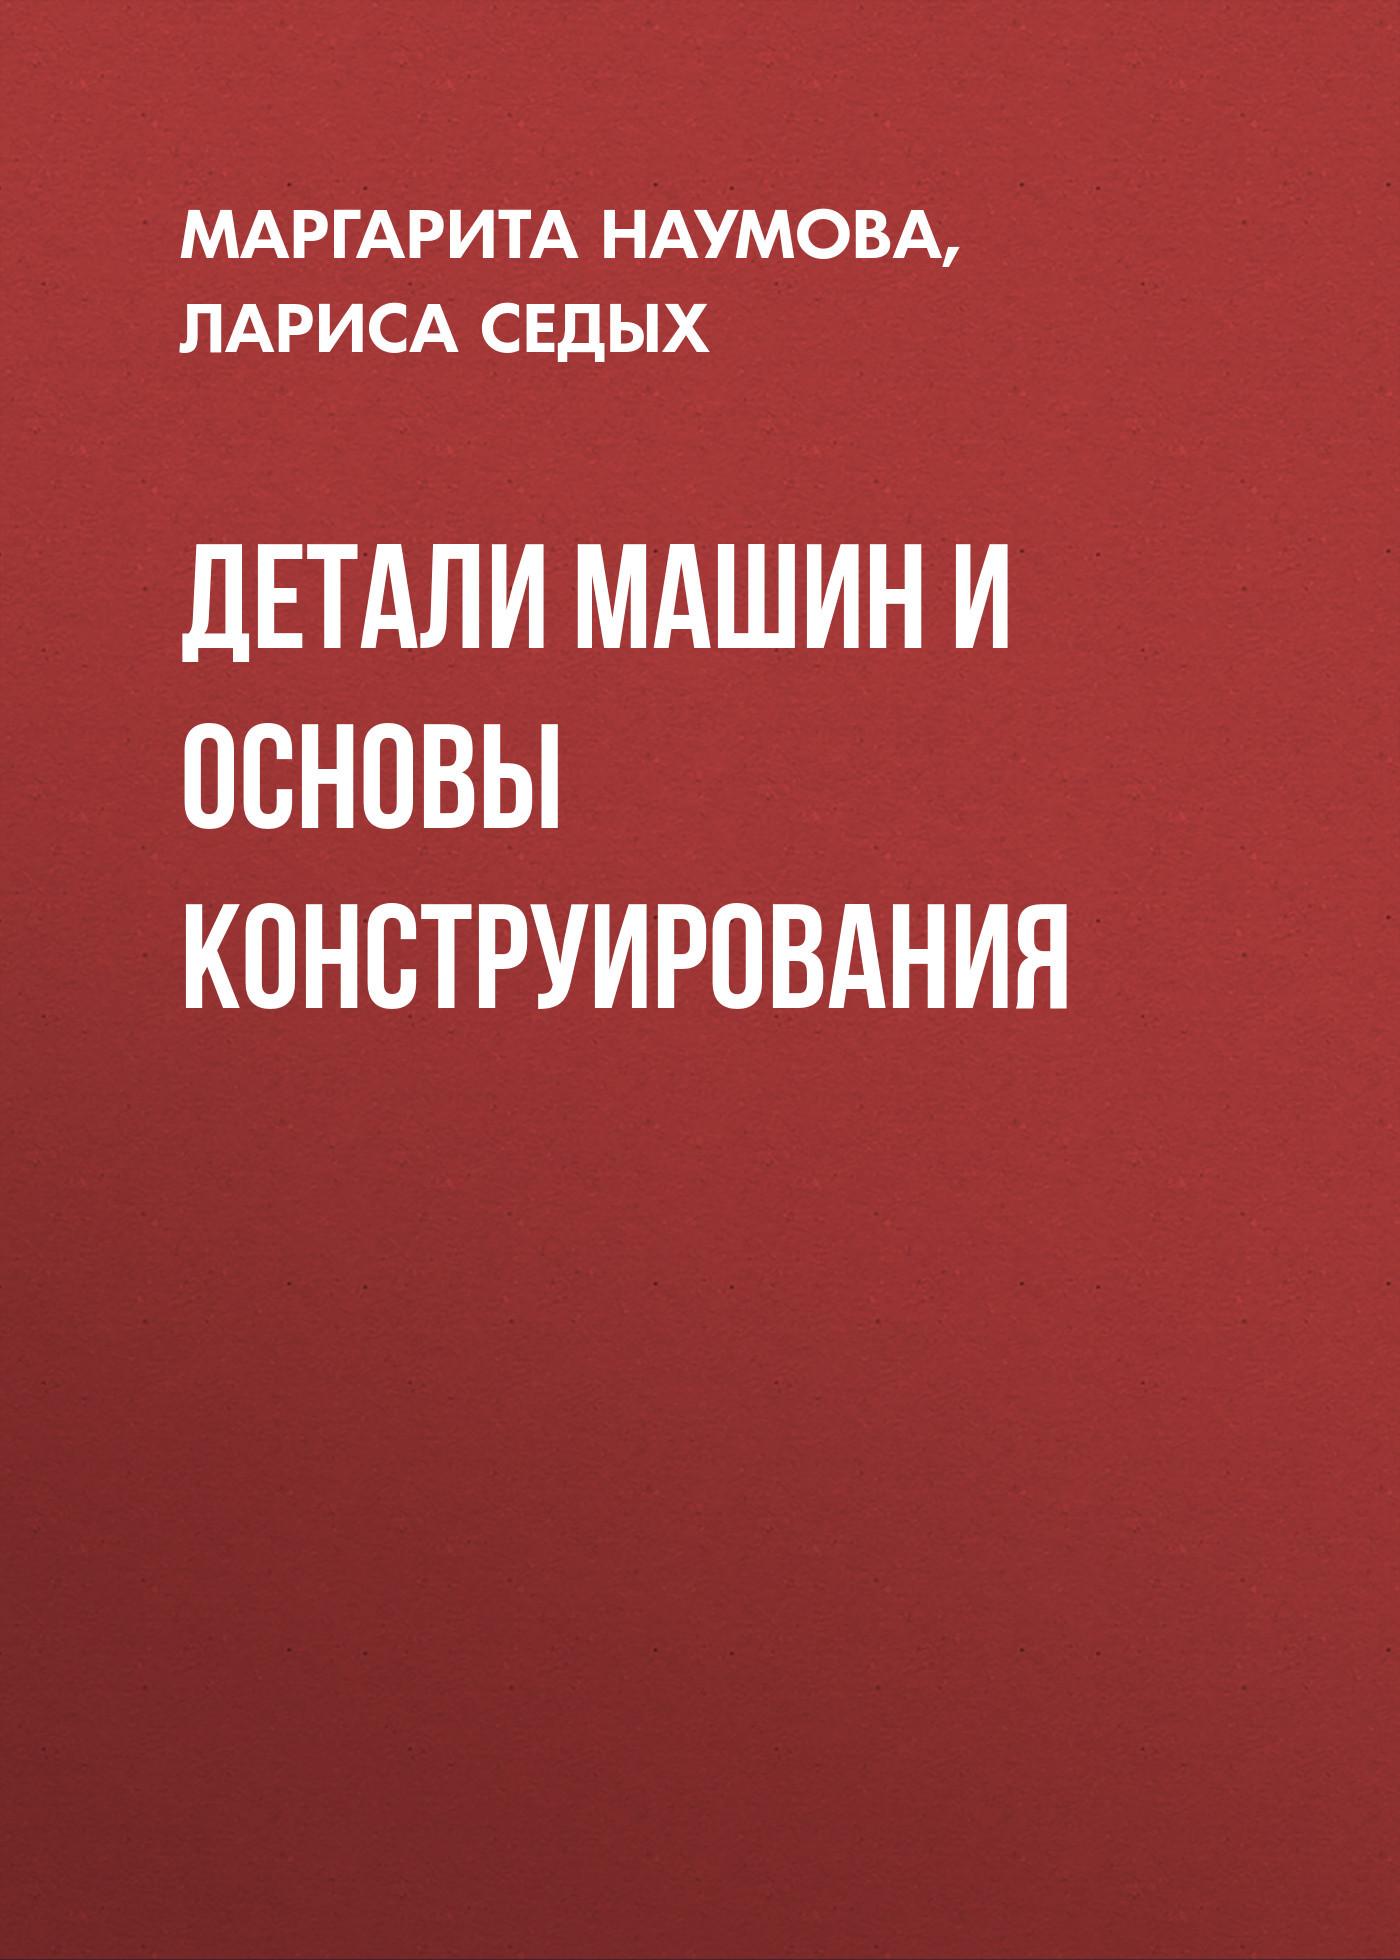 Маргарита Наумова Детали машин и основы конструирования